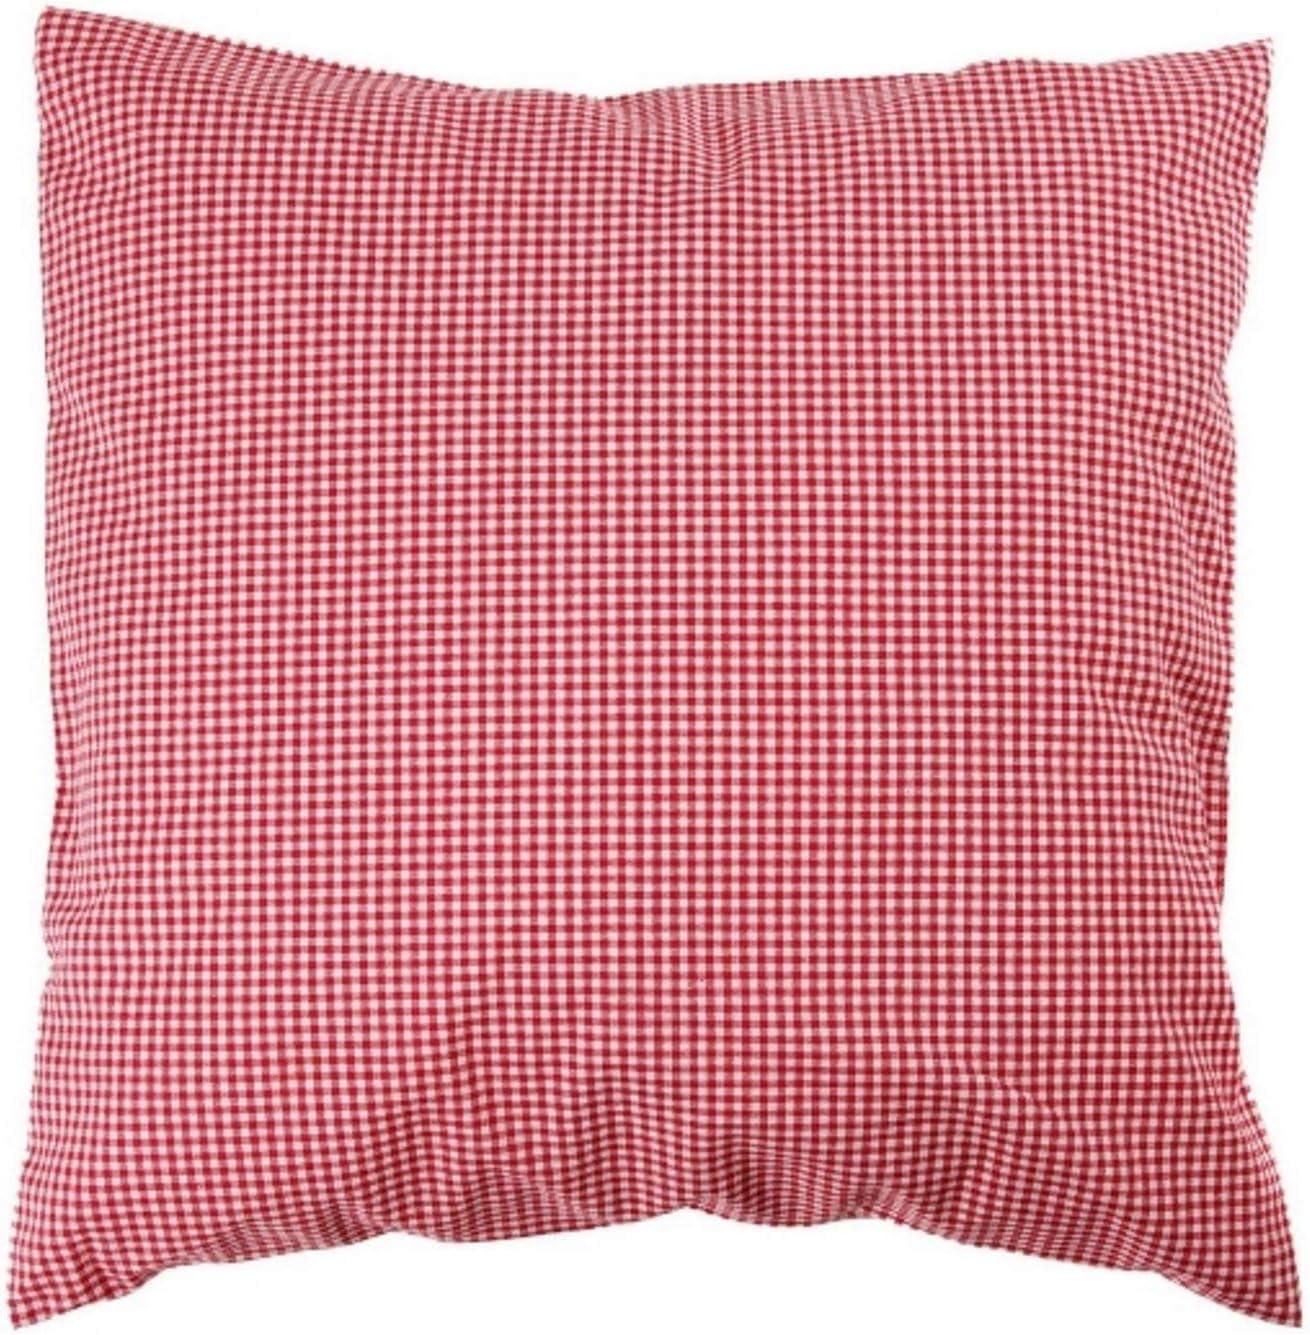 Funda de almohada de 50 x 50 cm vichy de cuadros y 2 x 2 mm colcha de algodón de cuadros de gracias a su diseño de rayas con cremallera, algodón, rojo, 50 x 50 cm